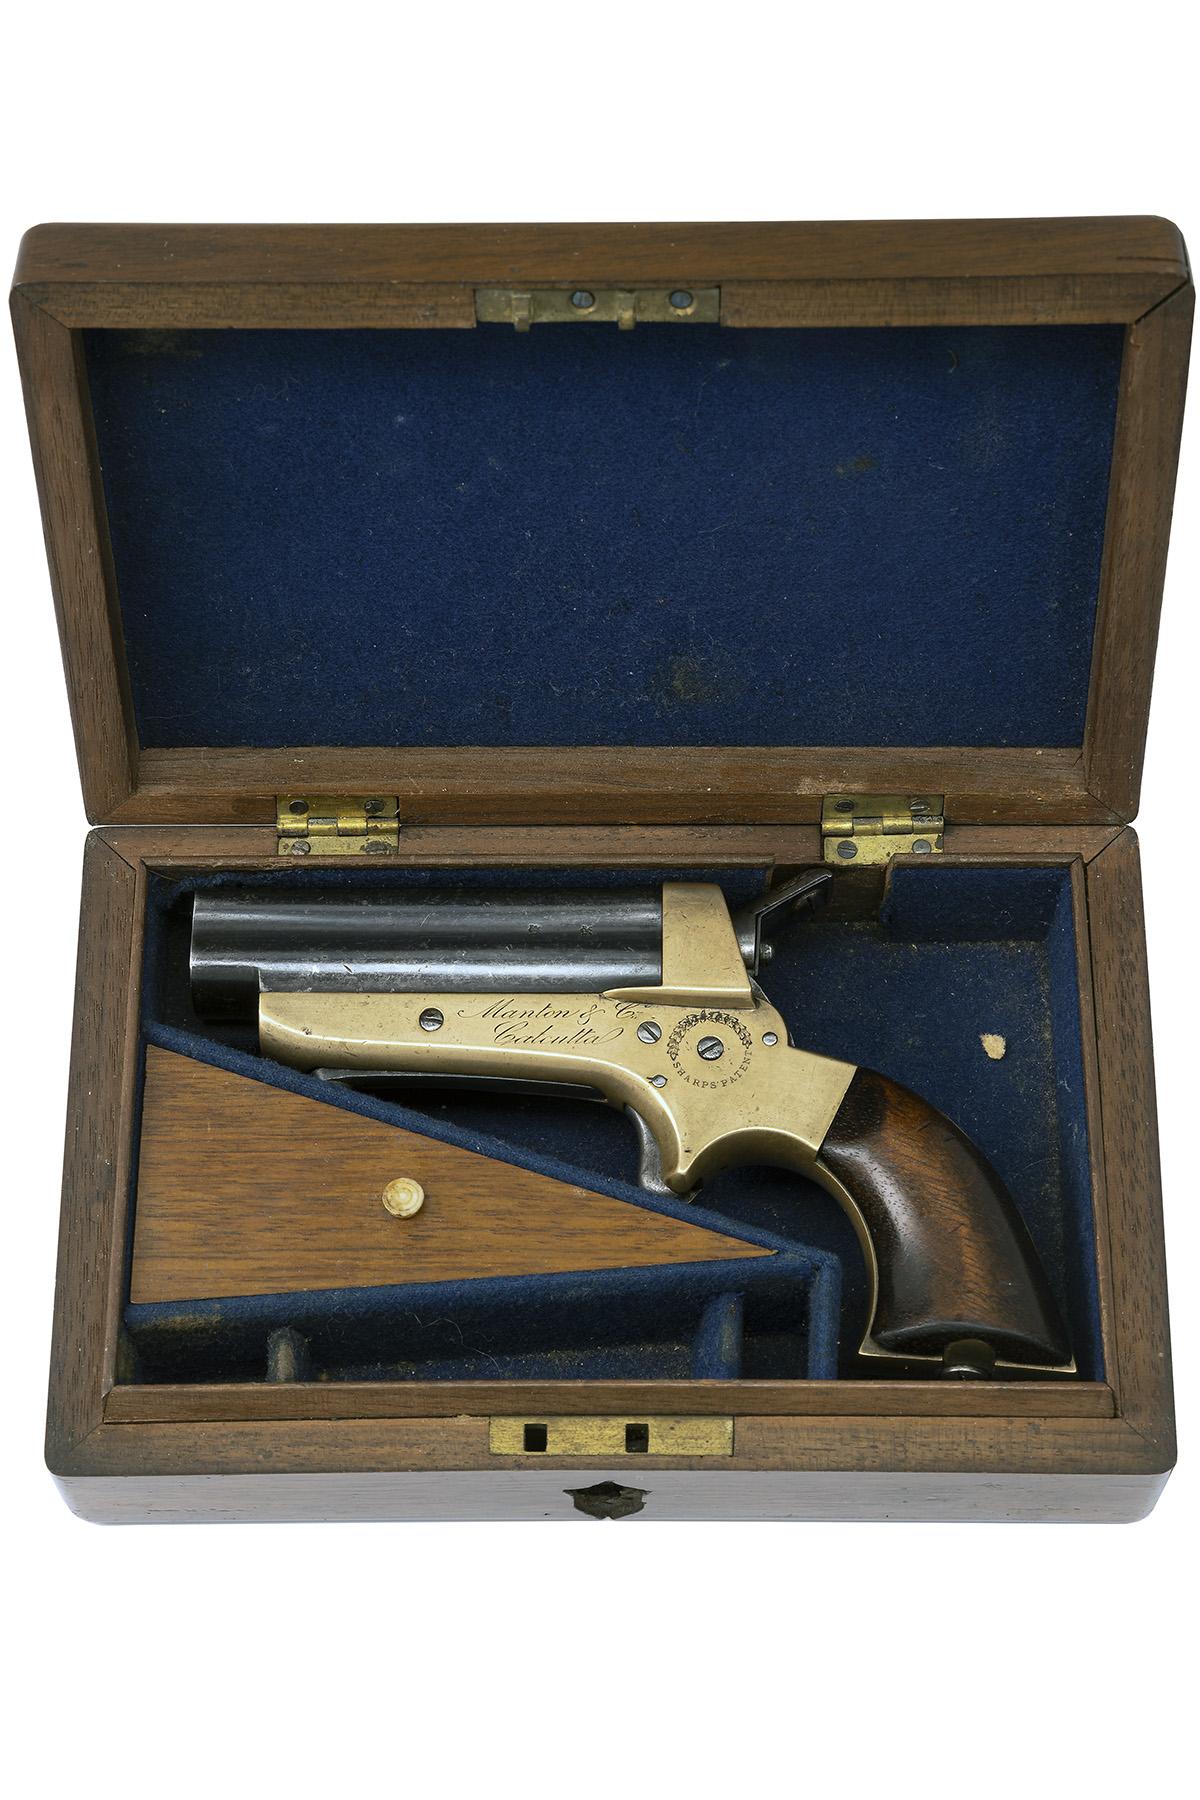 SHARPS, USA FOR MANTON & CO., CALCUTTA A CASED .30 (RIMFIRE) FOUR-BARRELLED DERRINGER PISTOL,